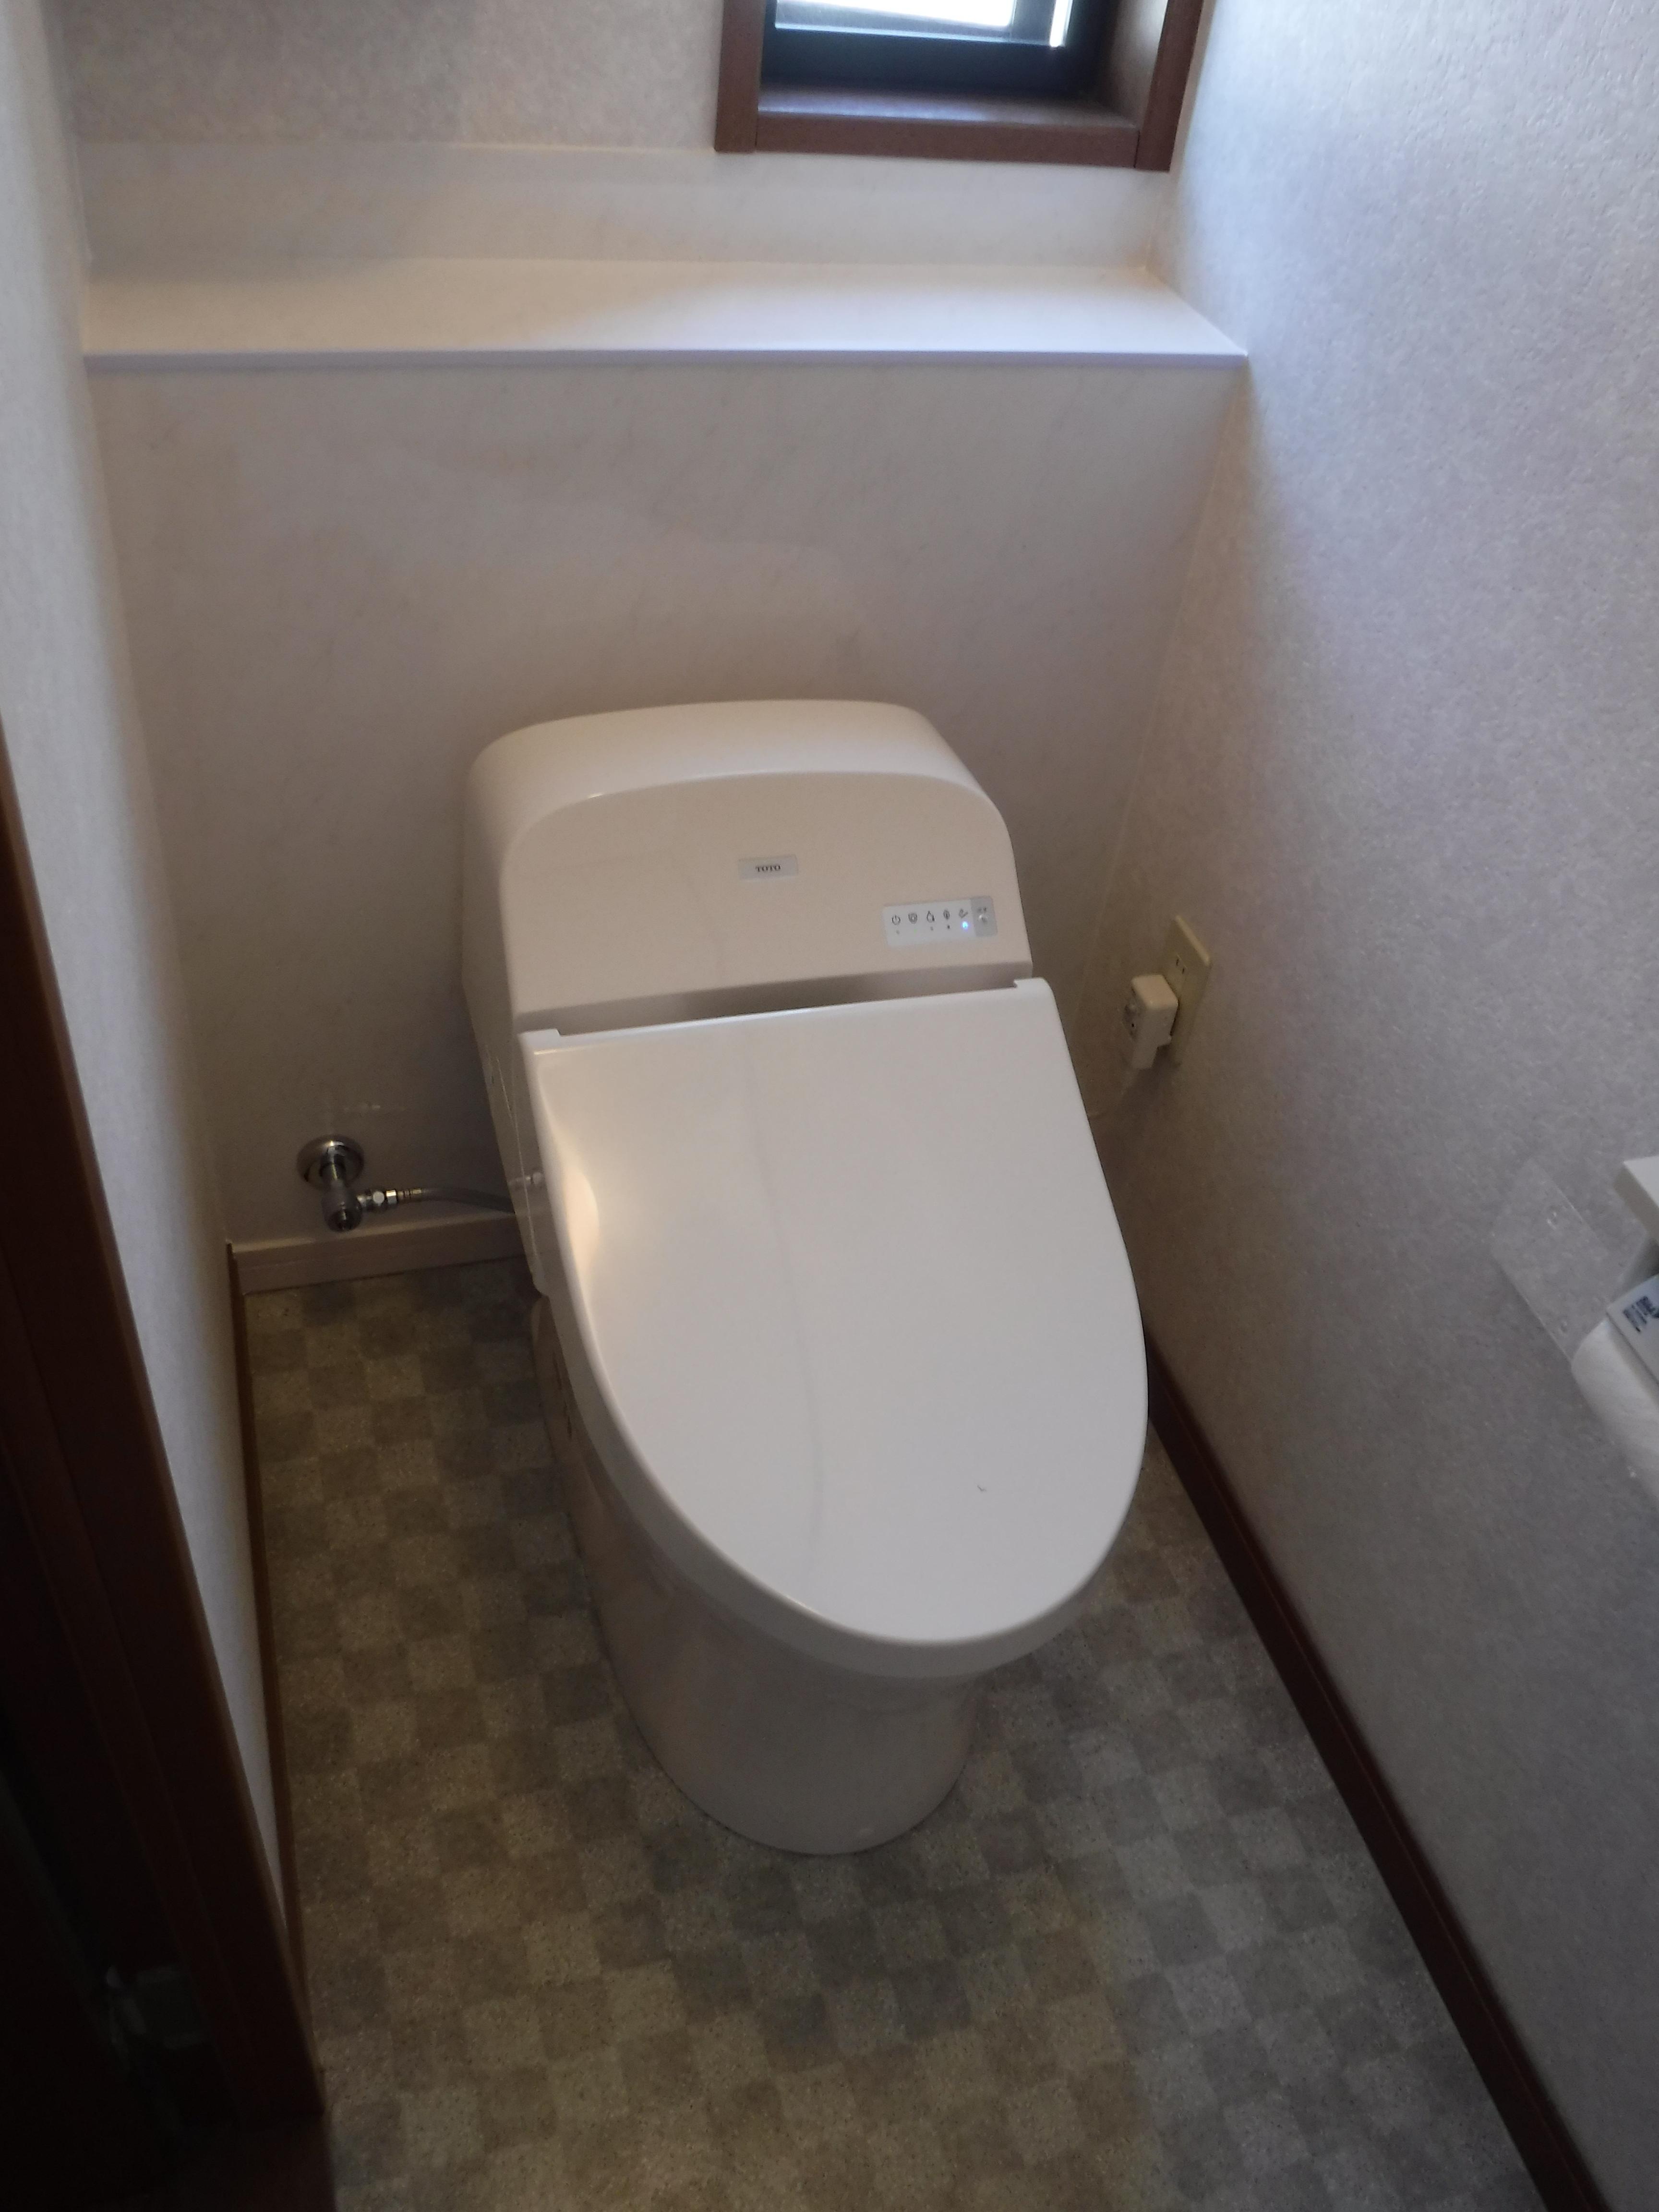 ハウスメーカーのオリジナルトイレ 一般のトイレでは?A